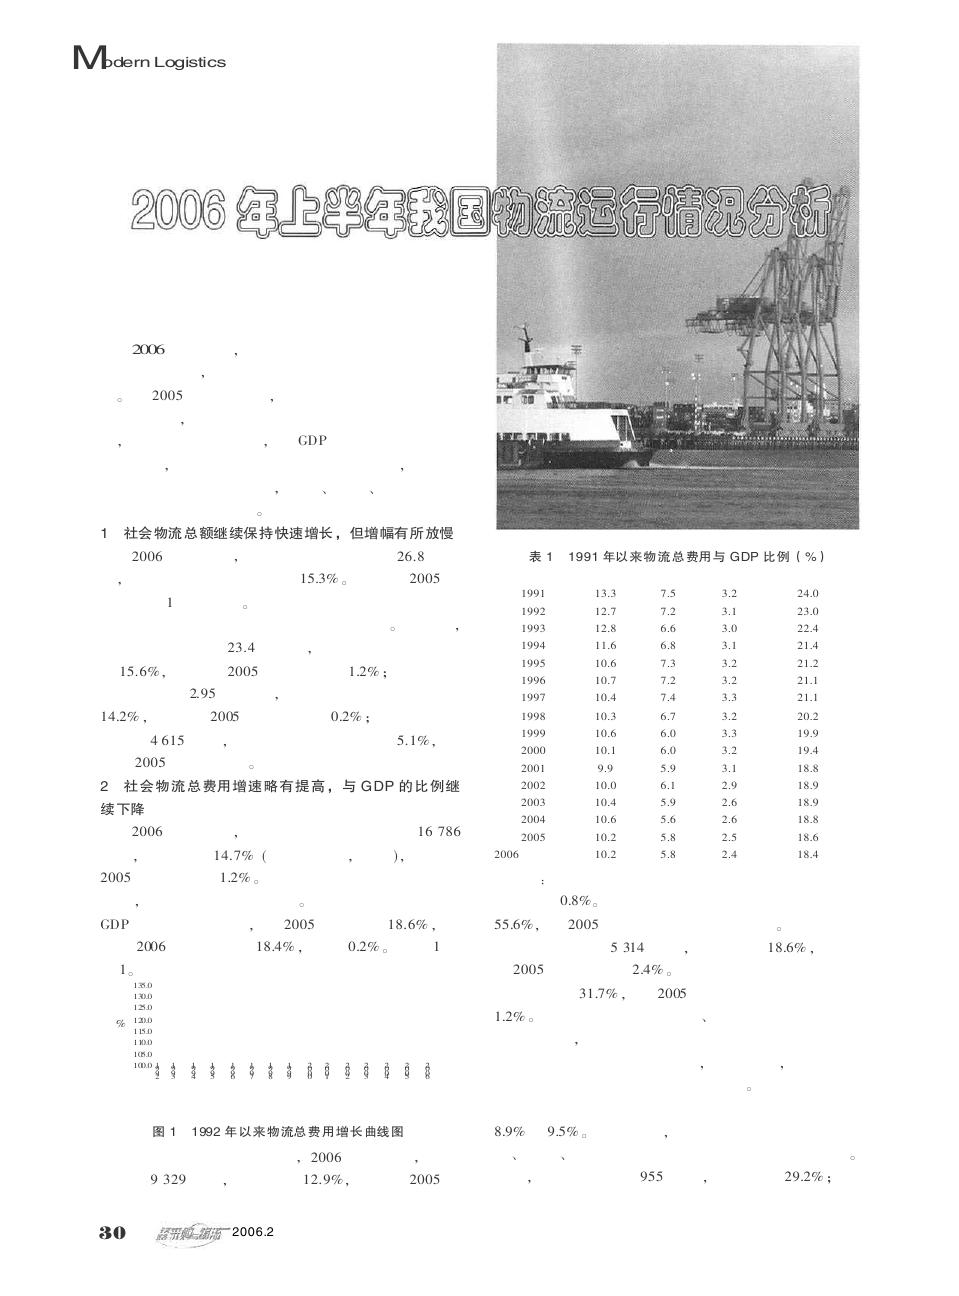 2006年上半年我国物流运行情况分析